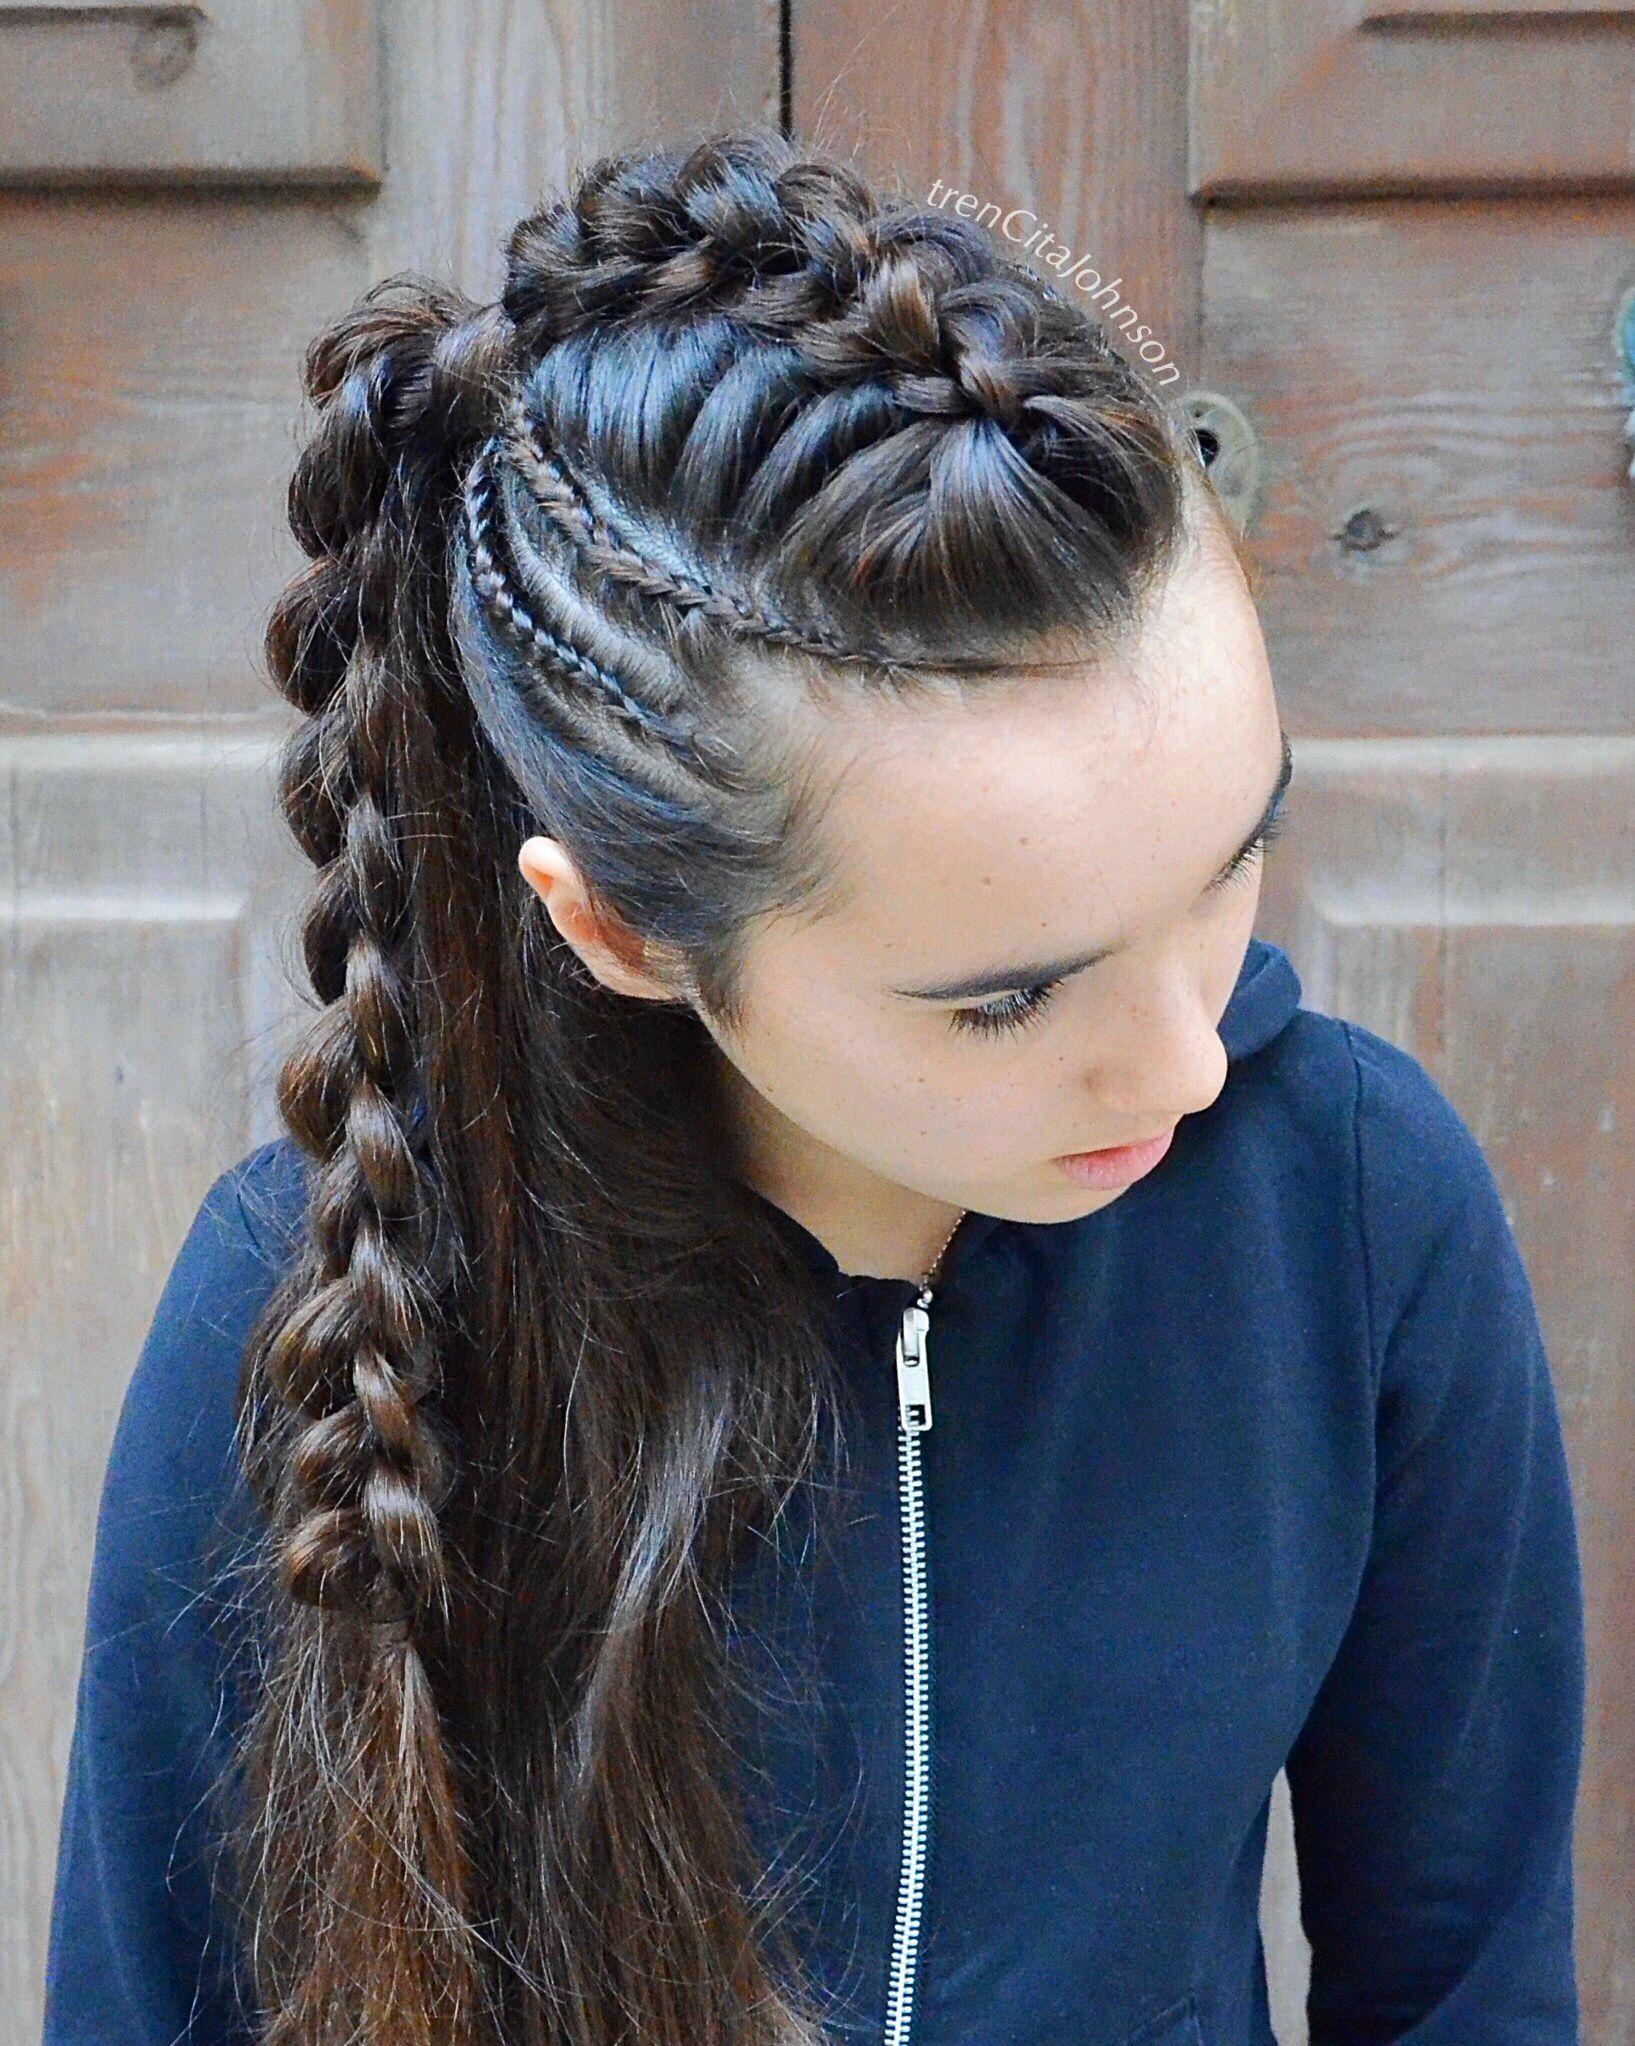 Faca Suas Trancas In 2020 Viking Hair Hair Styles Braided Hairstyles